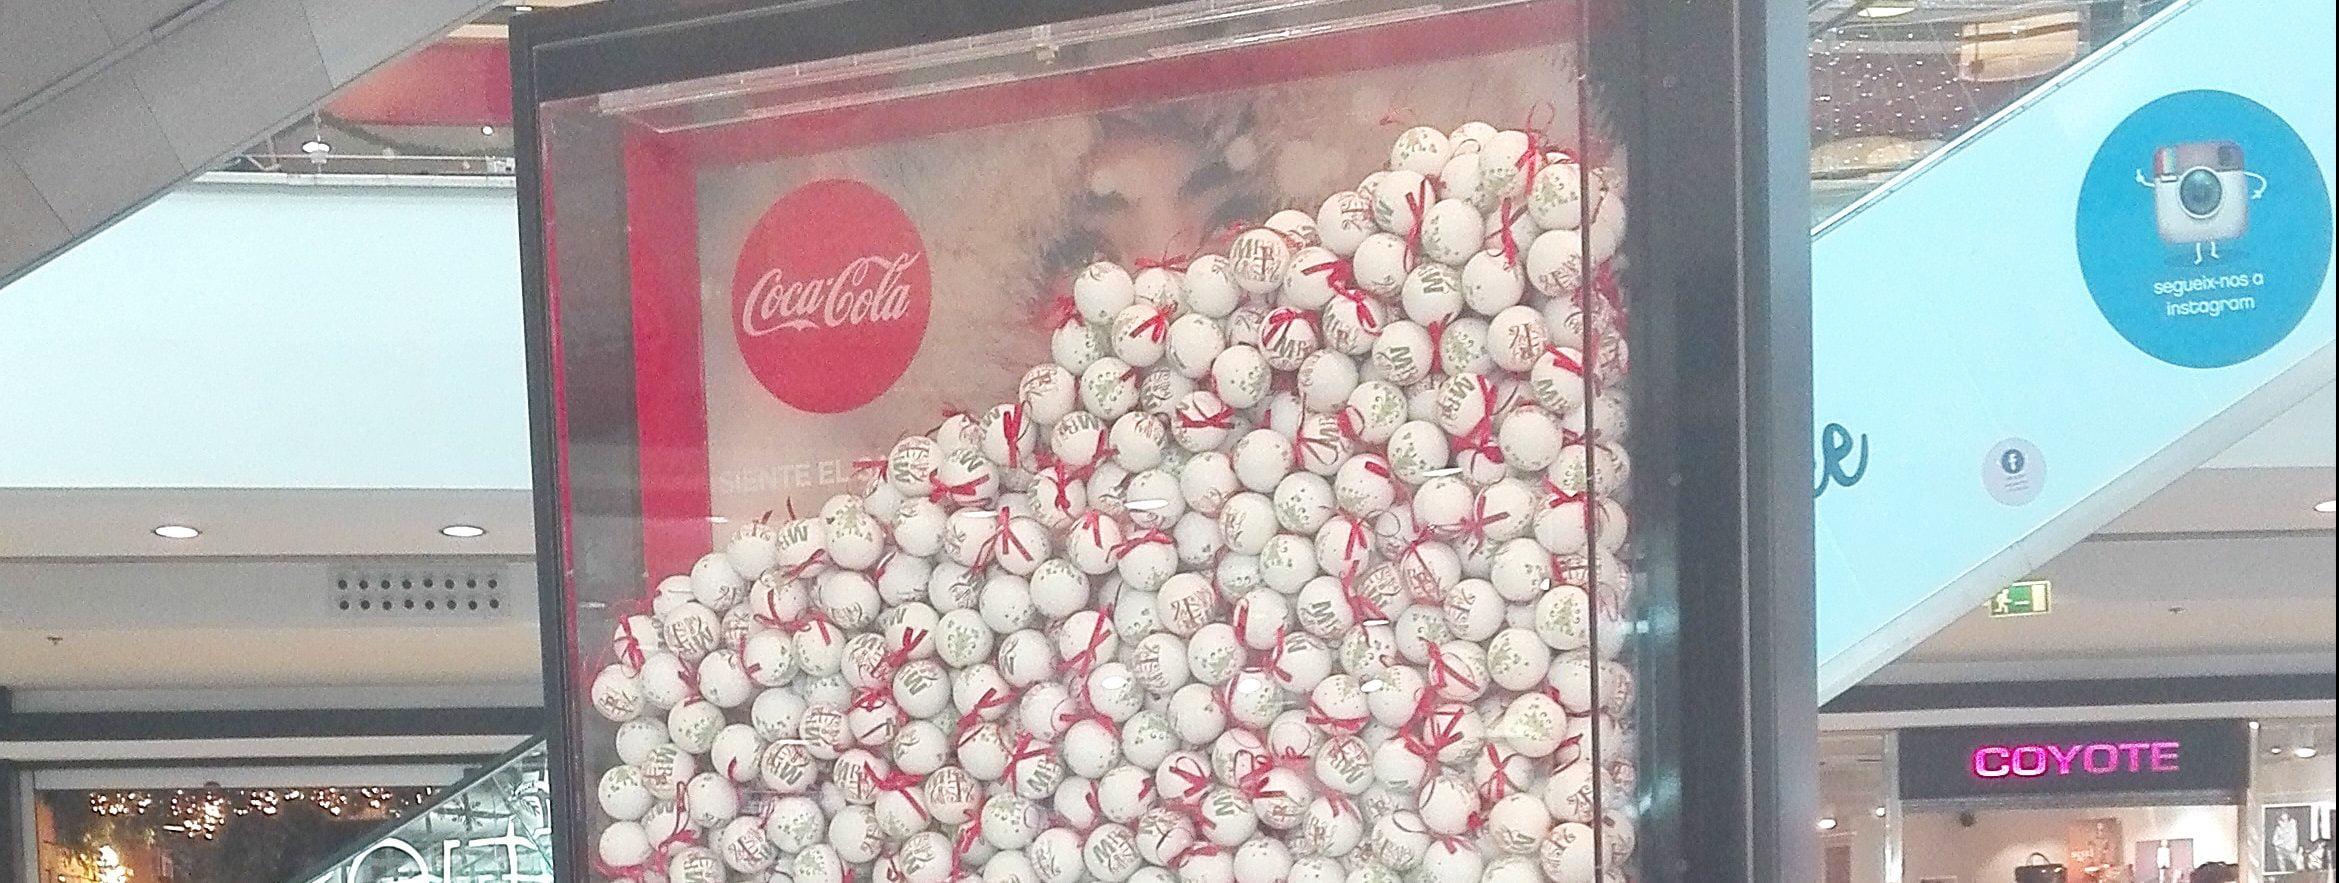 Publicidad en centros comerciales acción Especial Coca Cola